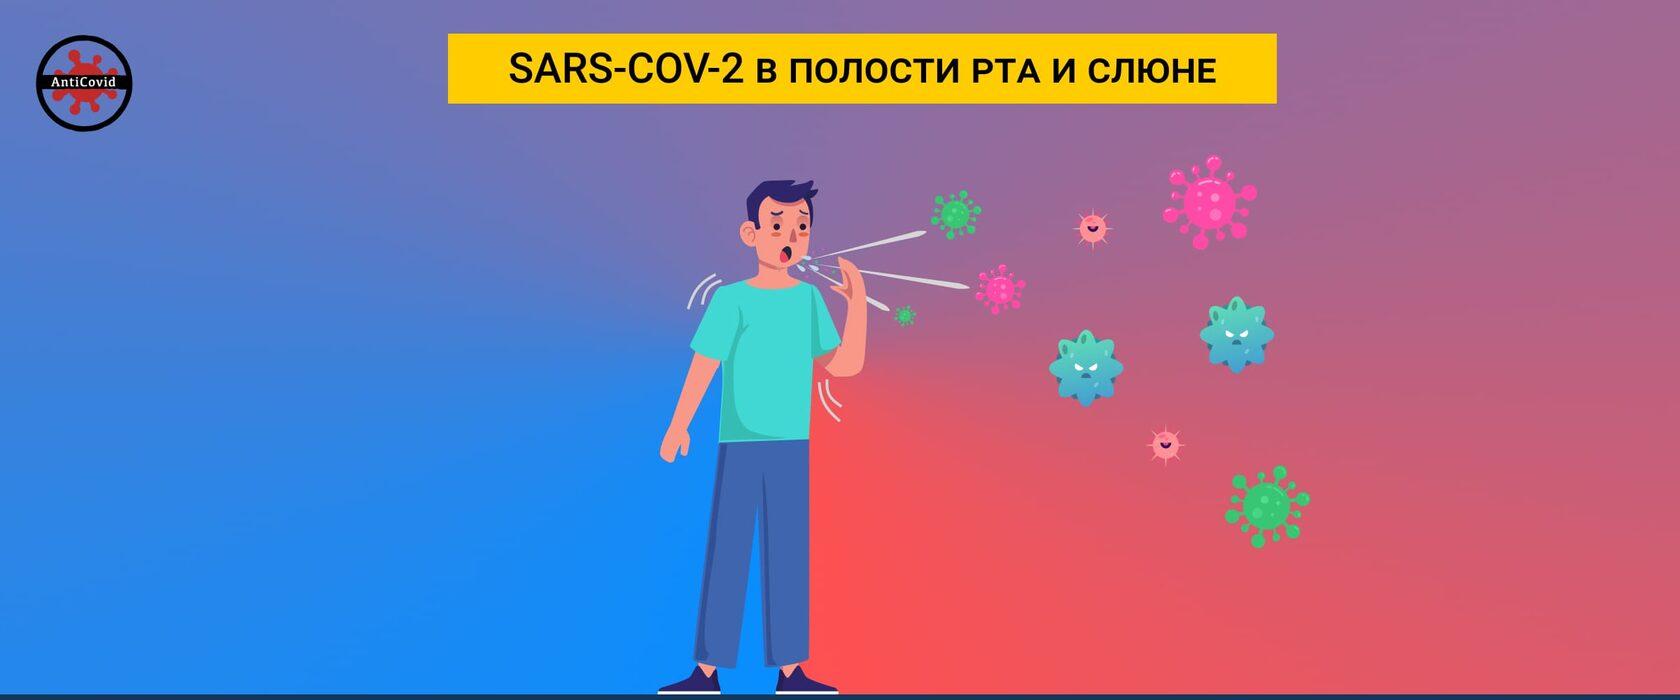 SARS-COV-2 в полости рта и слюне